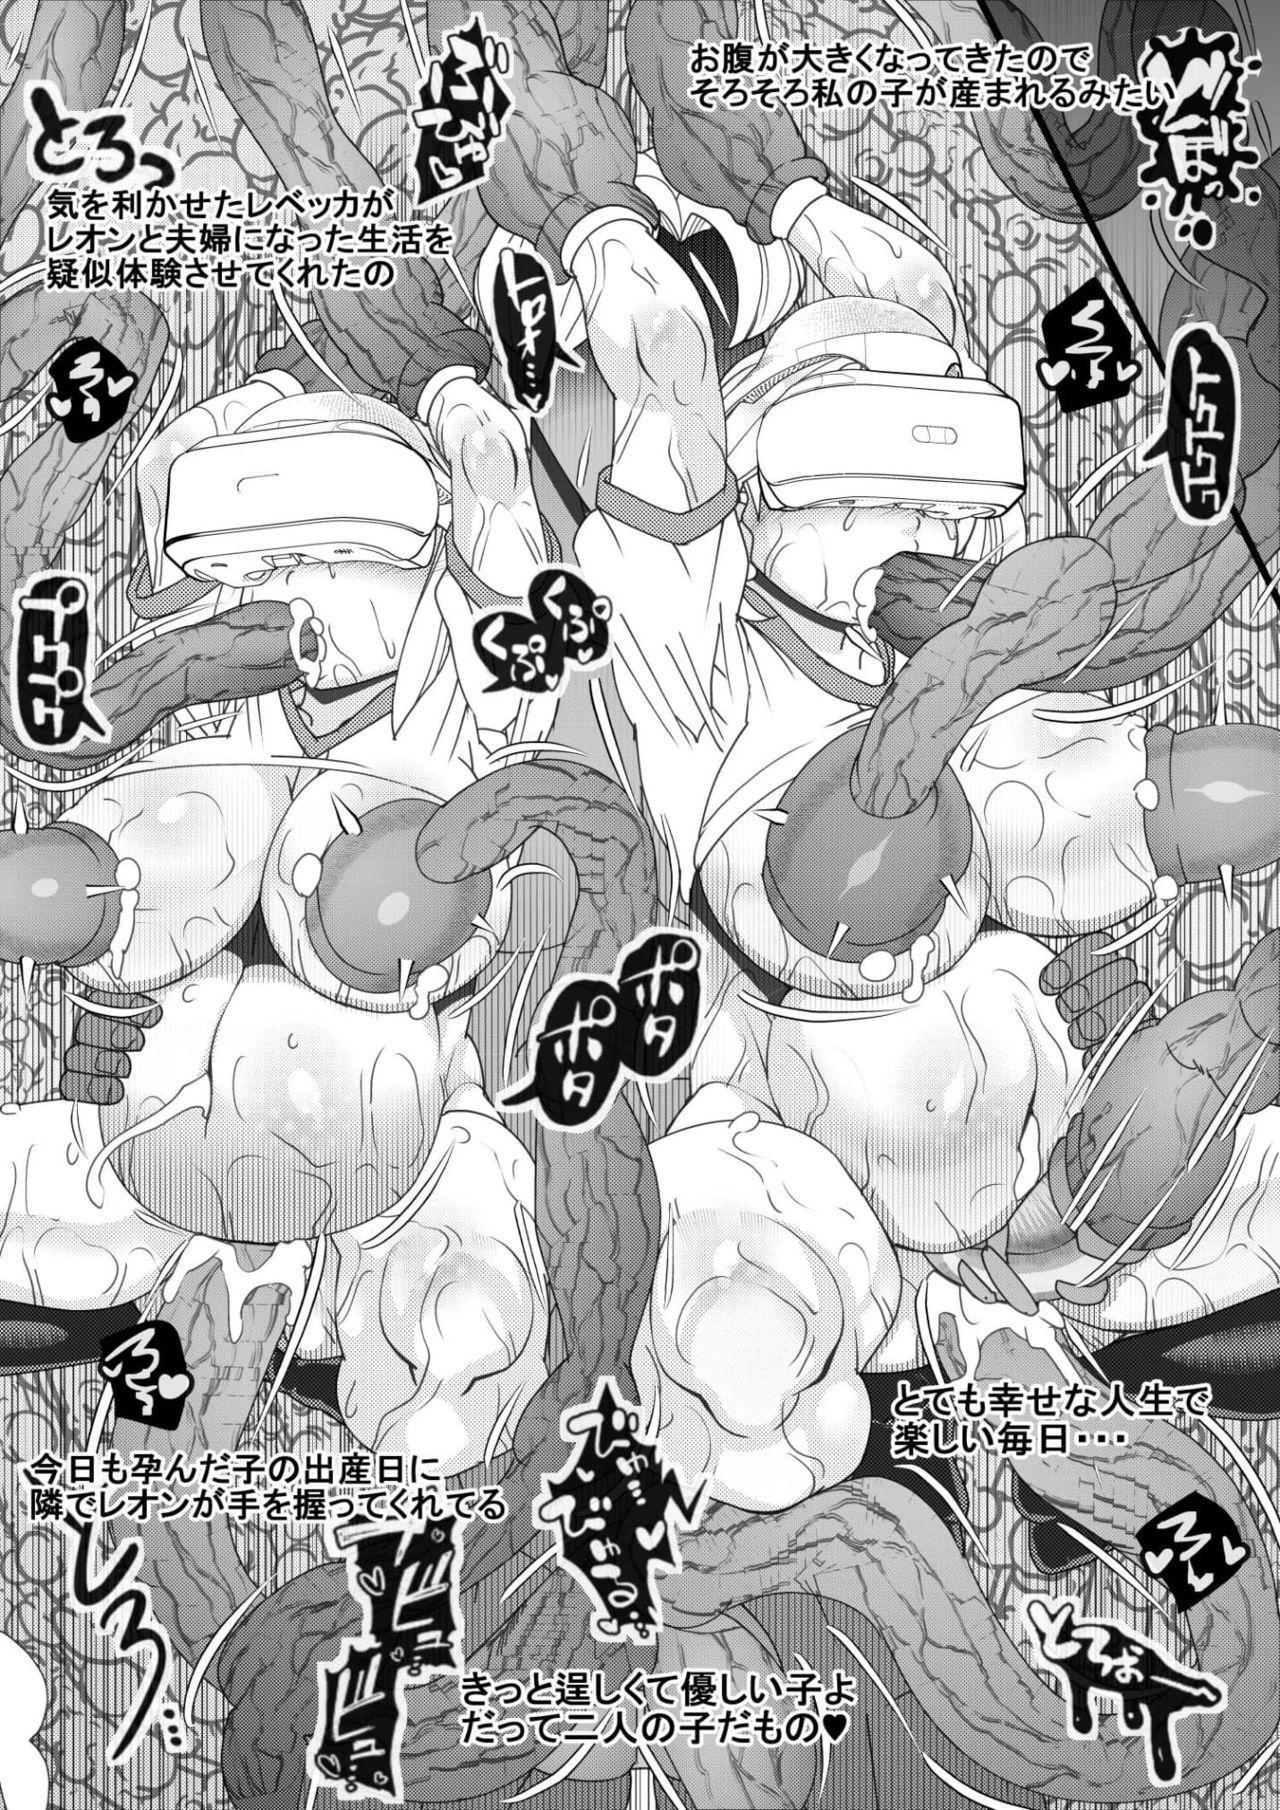 Seisyoku Saigai 4 22